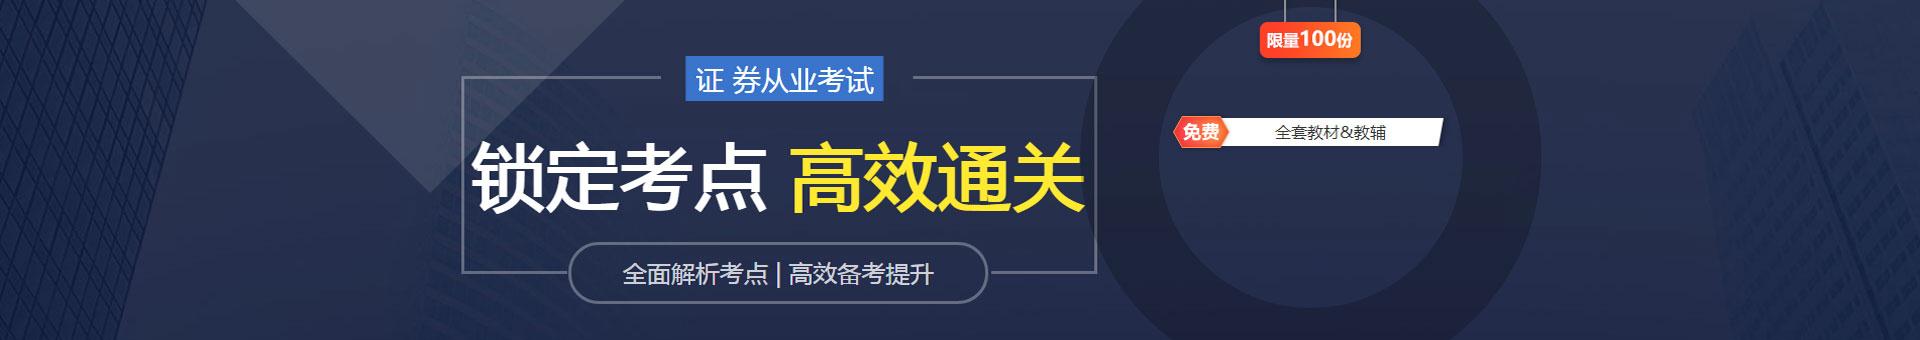 北京证券从业资格 培训